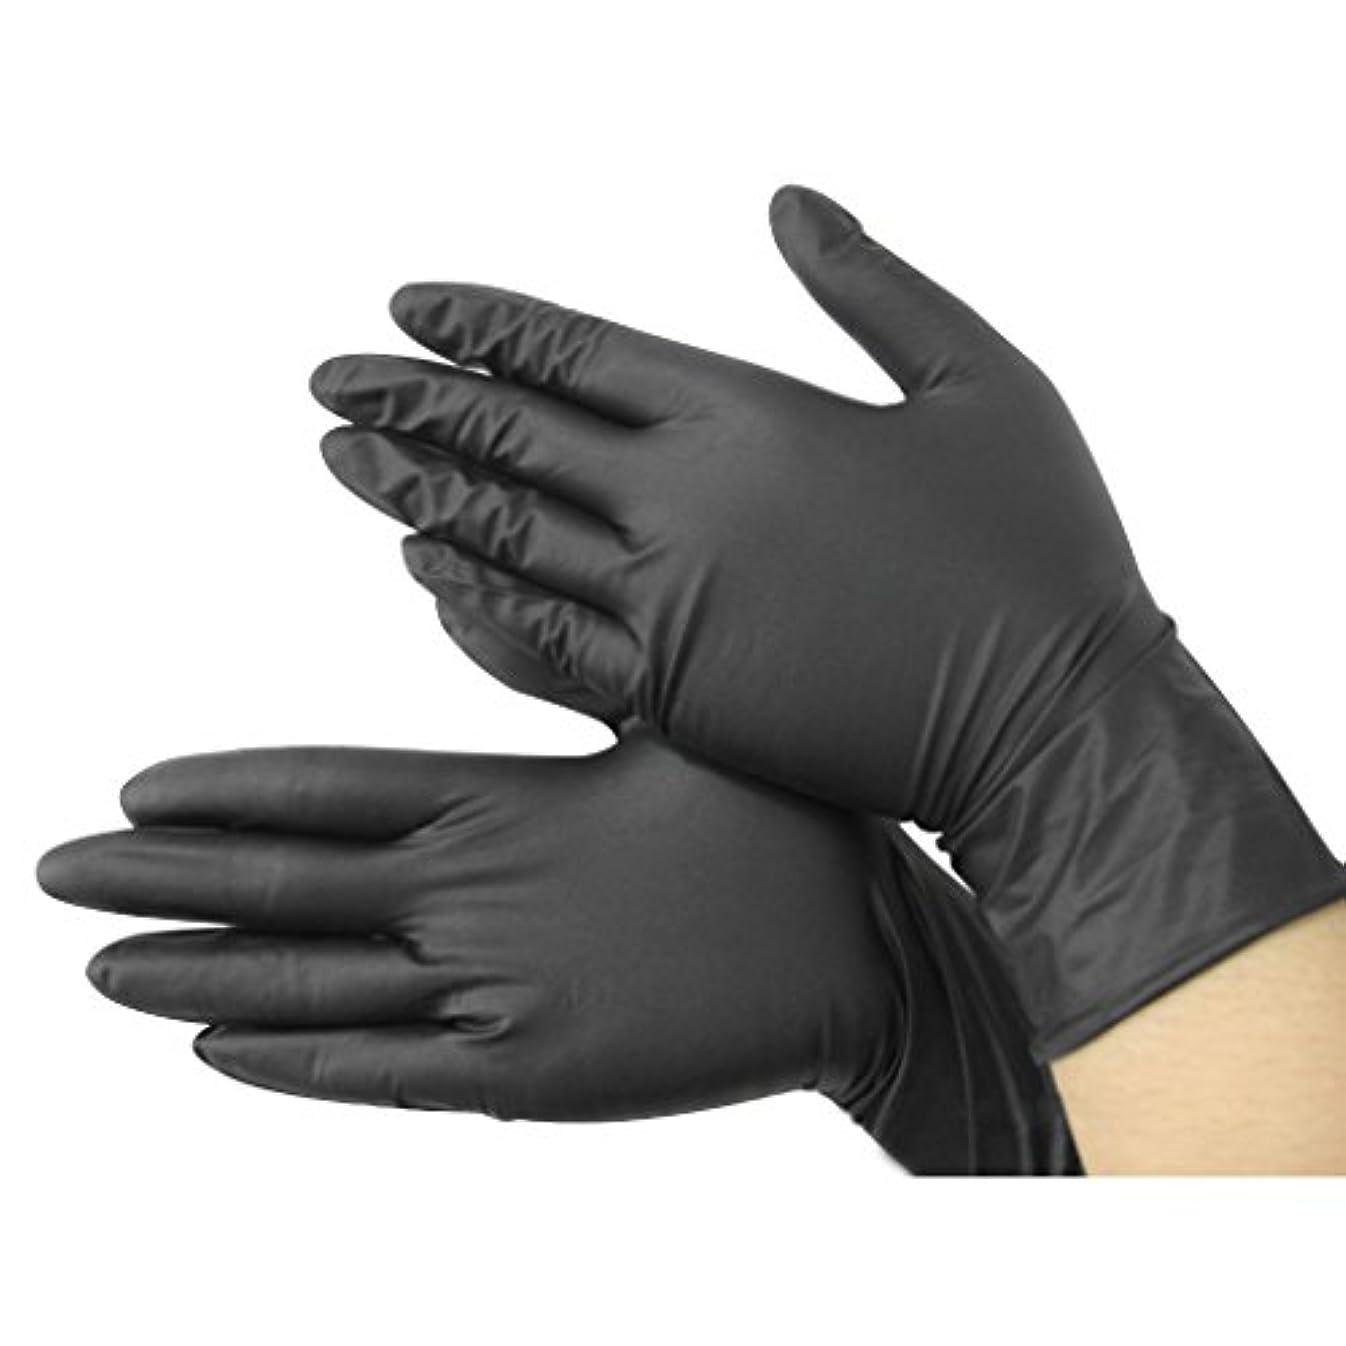 セーブトロイの木馬順応性Gaoominy 黒いニトリル使い捨てクール手袋 パワーフリーX100 - 入れ墨 - メカニック 新しい